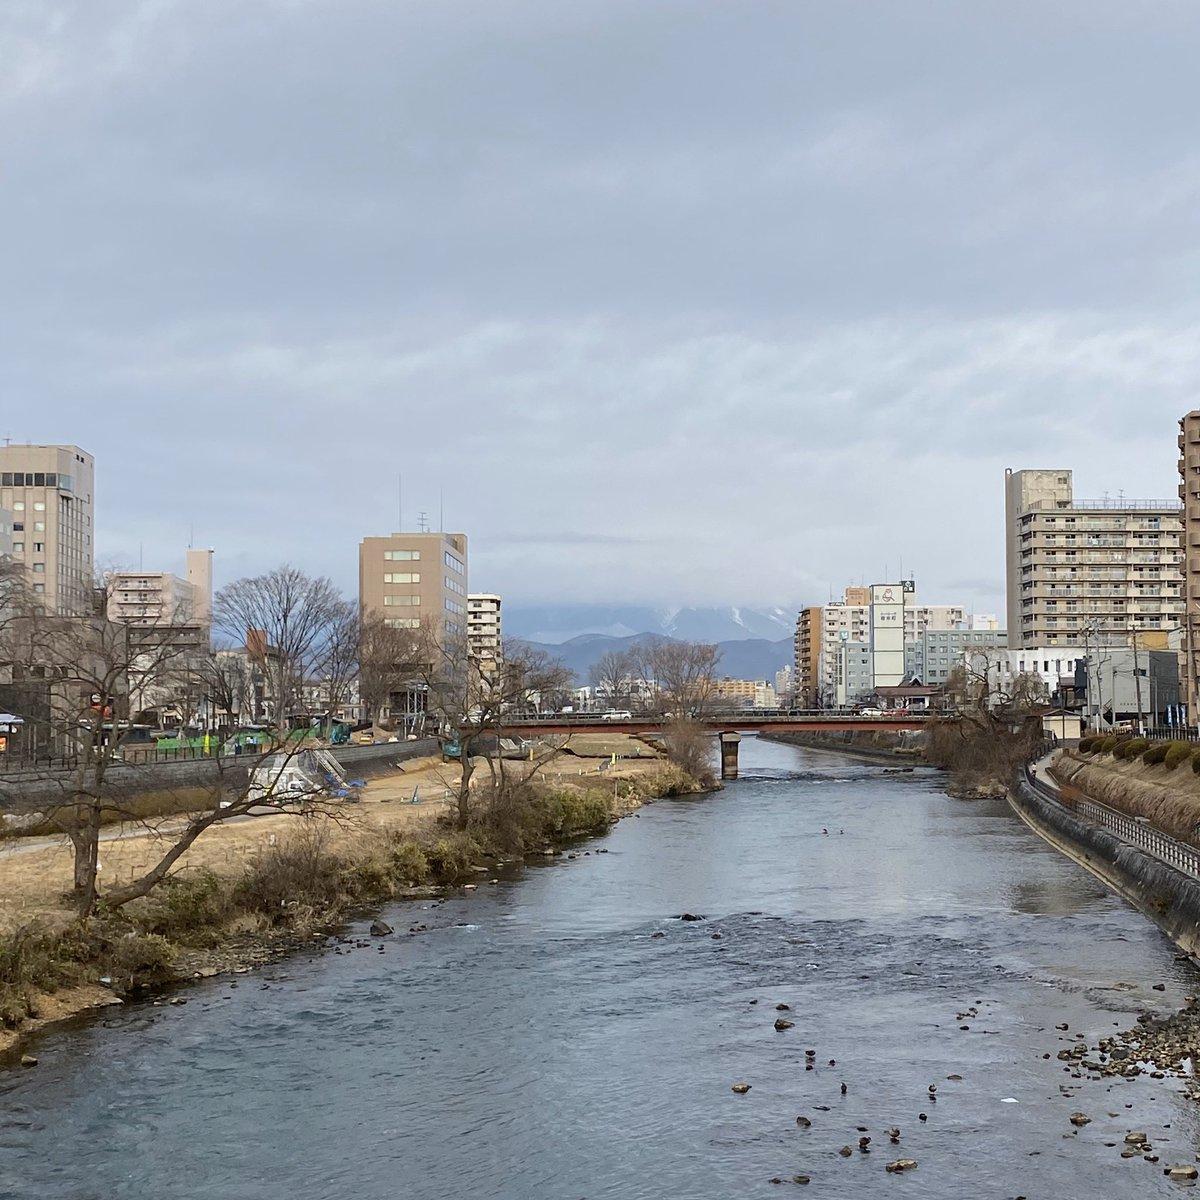 2020/02/03 盛岡市の開運橋から撮影。きょうは節分。ことしの恵方は西南西だそうです。みなさま、体調管理に気をつけてお過ごしください。 #岩手 #盛岡 #北上川 #岩手においでよ #節分